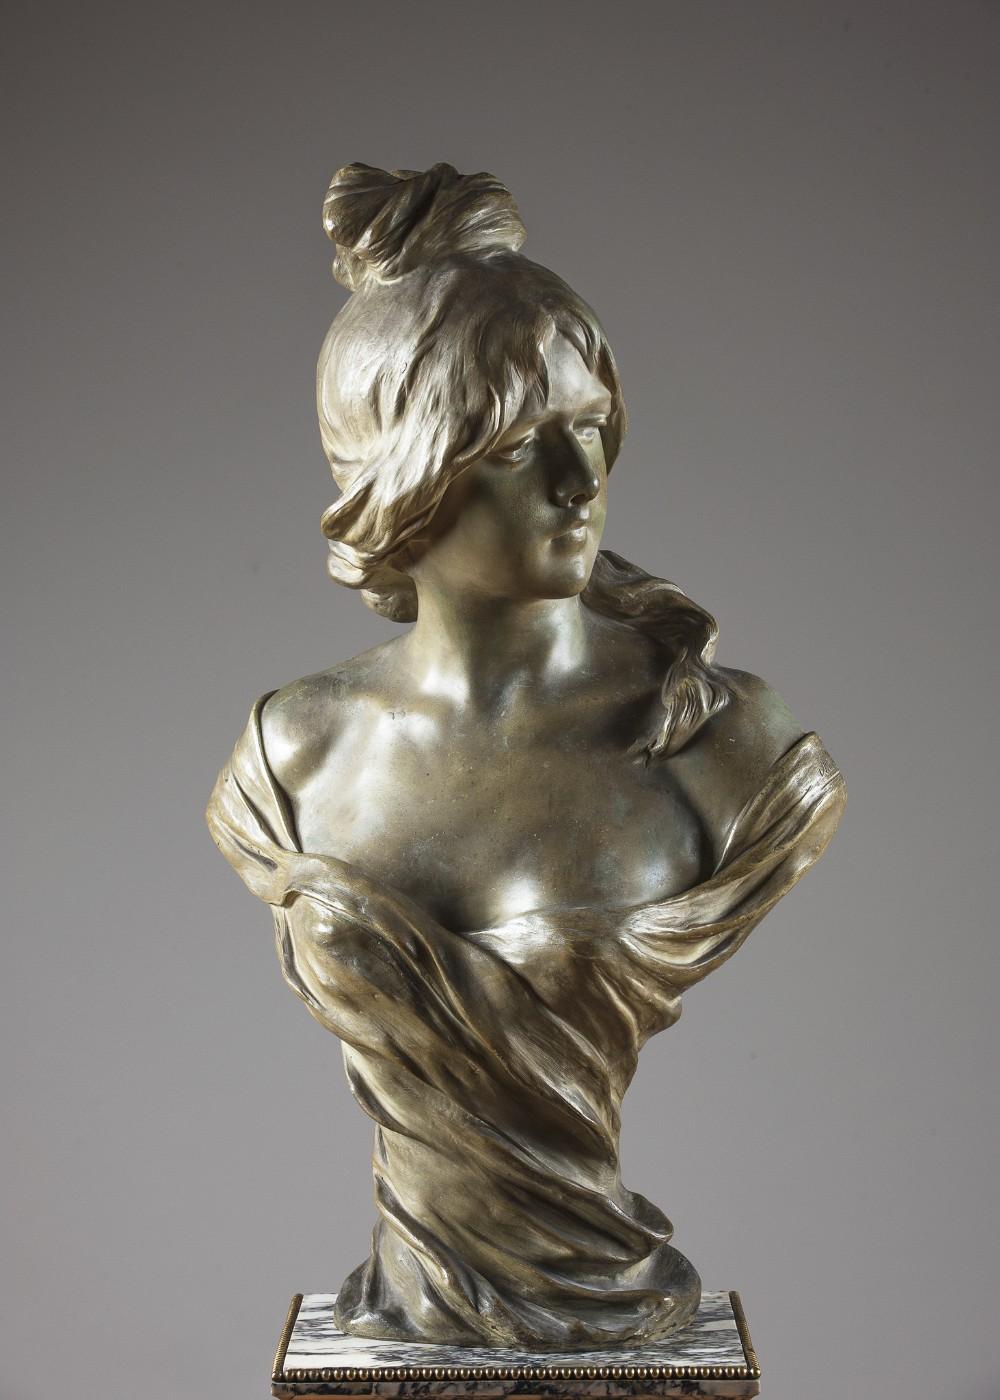 19th century terracotta goldscheider sculpture